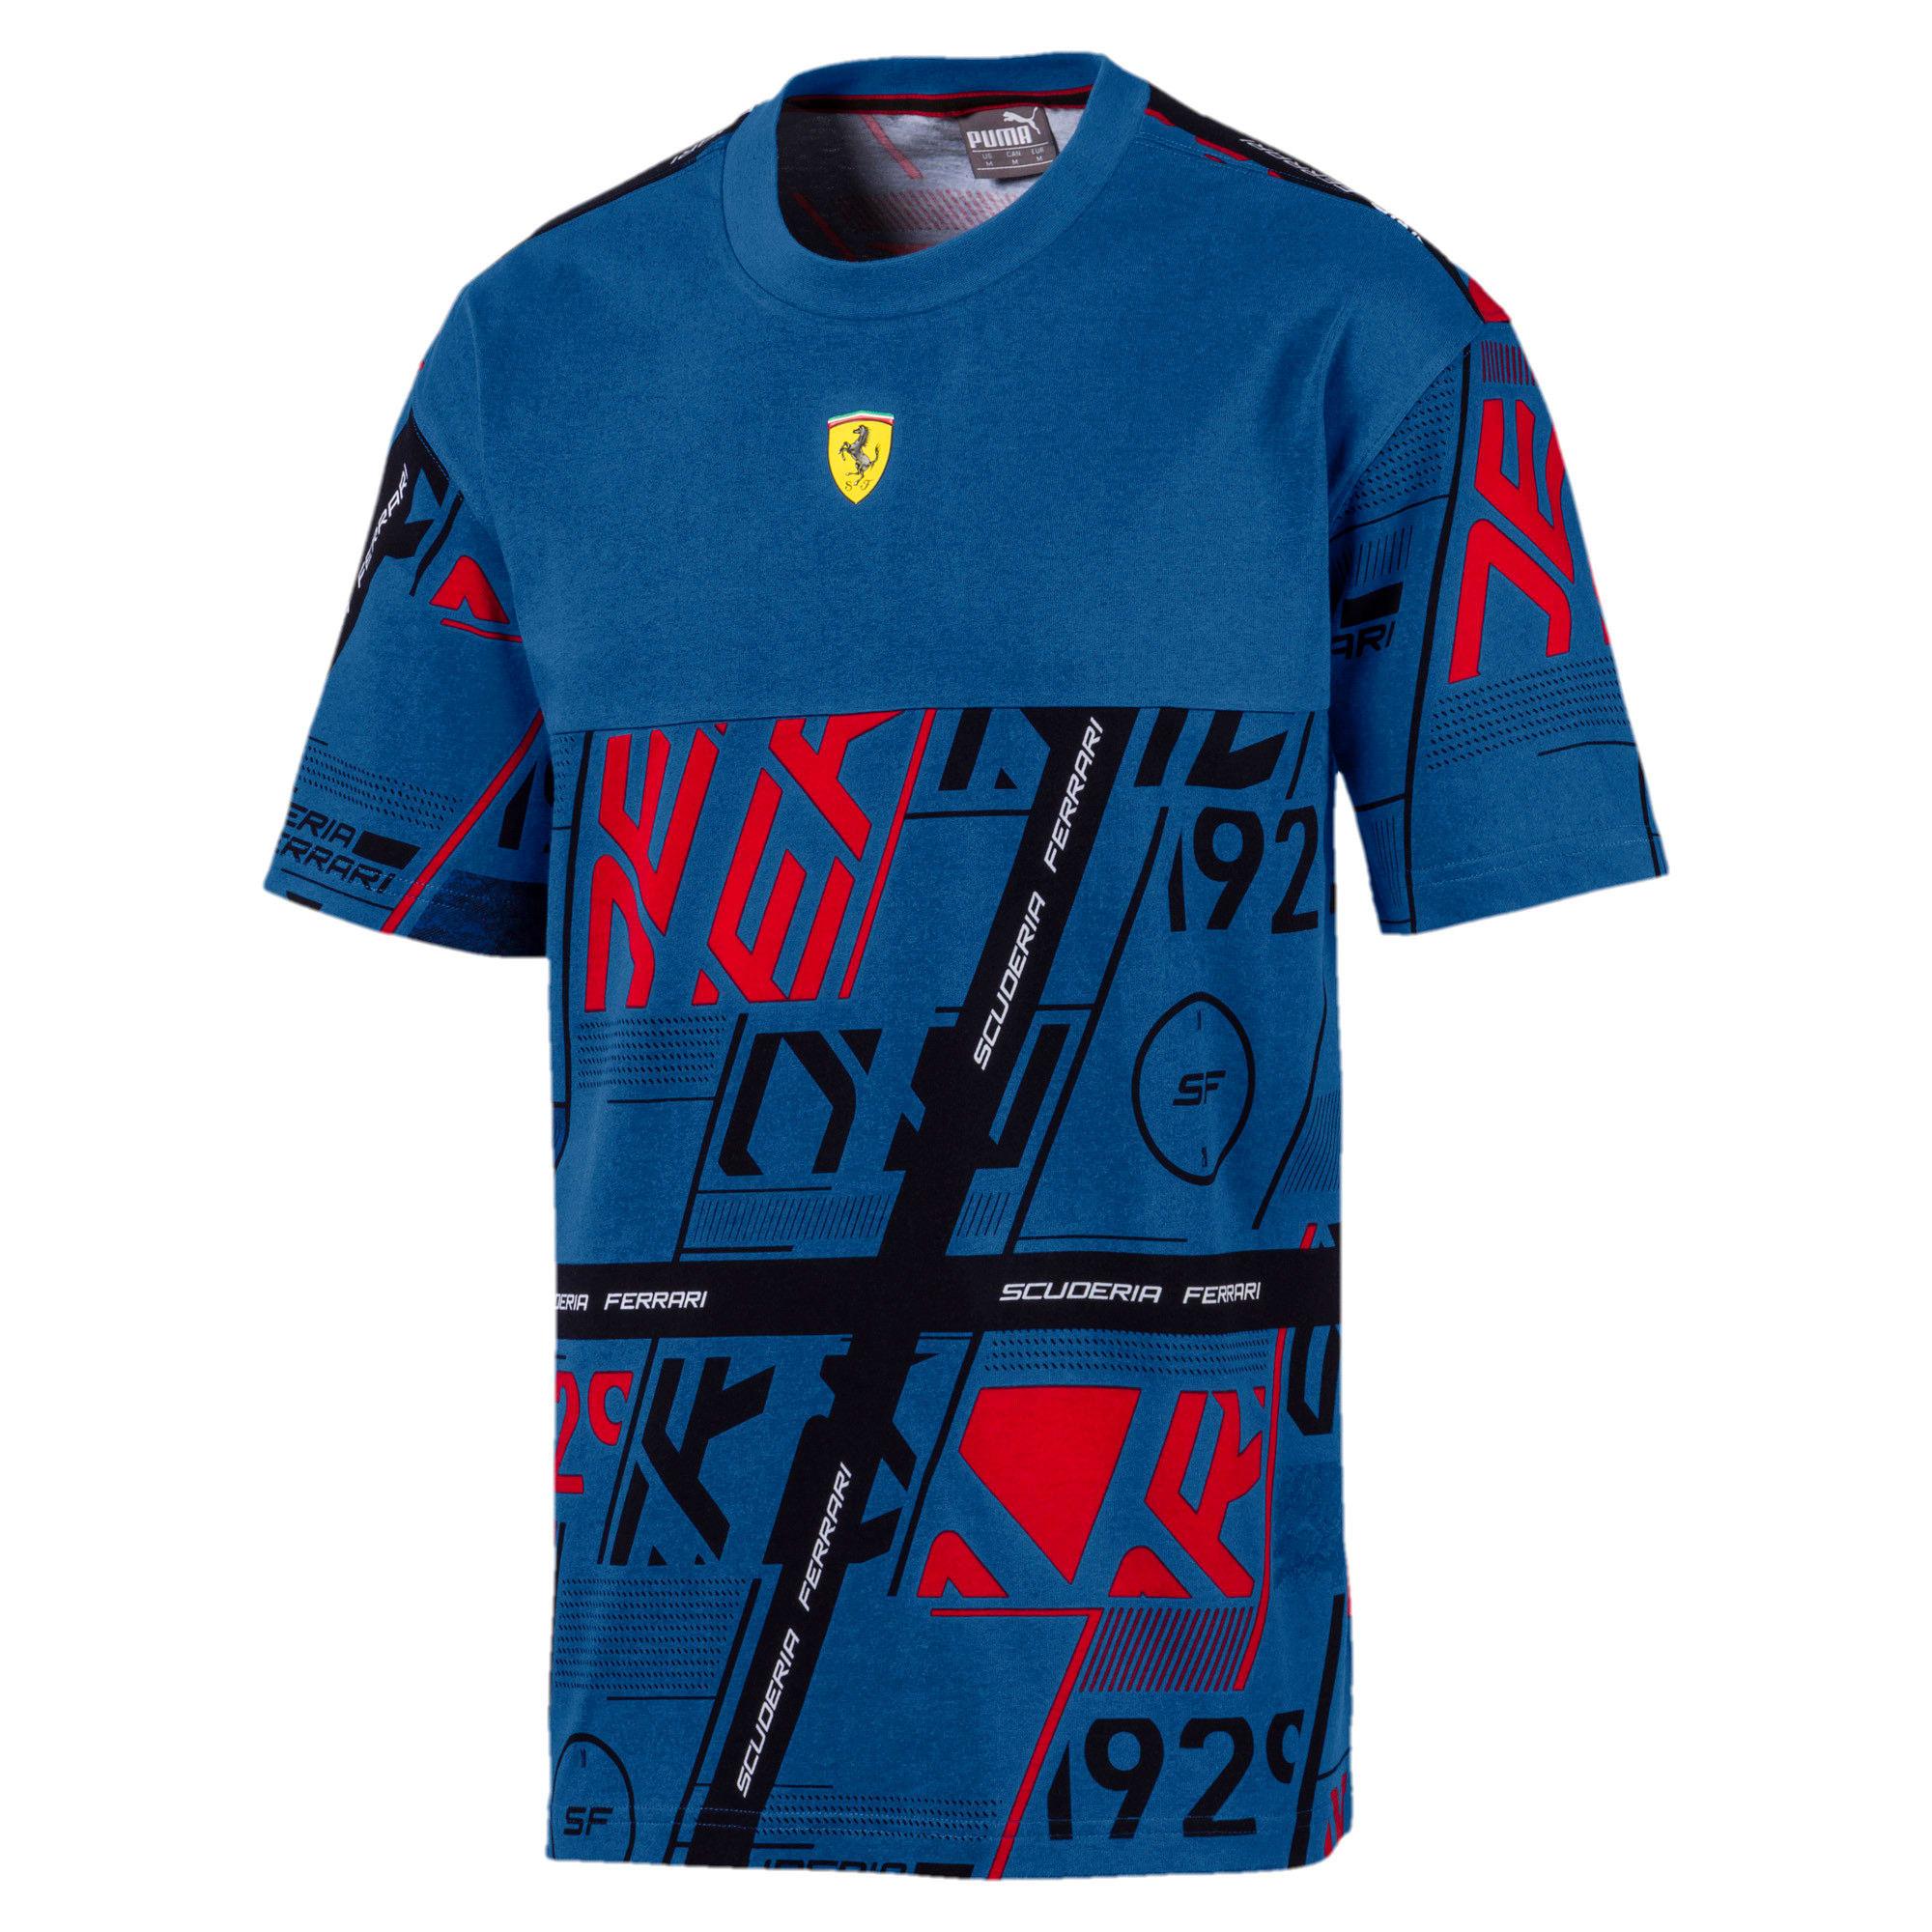 Thumbnail 3 of Ferrari T-shirt voor heren, Galaxy Blue, medium